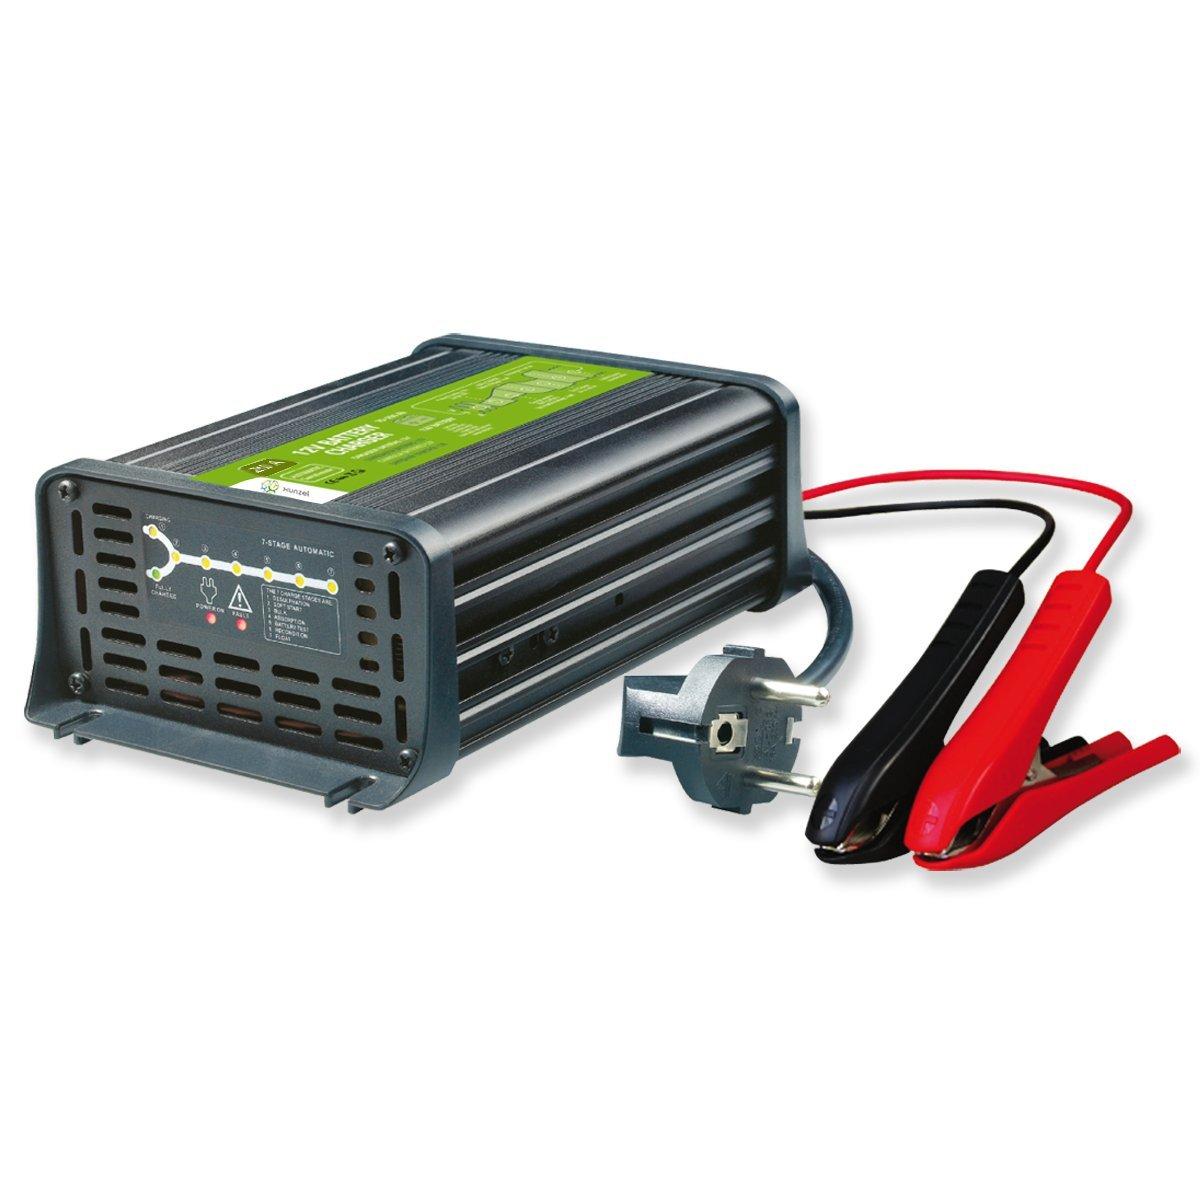 XUNZEL avanzado 20 A Digital Cargador de baterí a 12 V unidades de 1 dbc1220